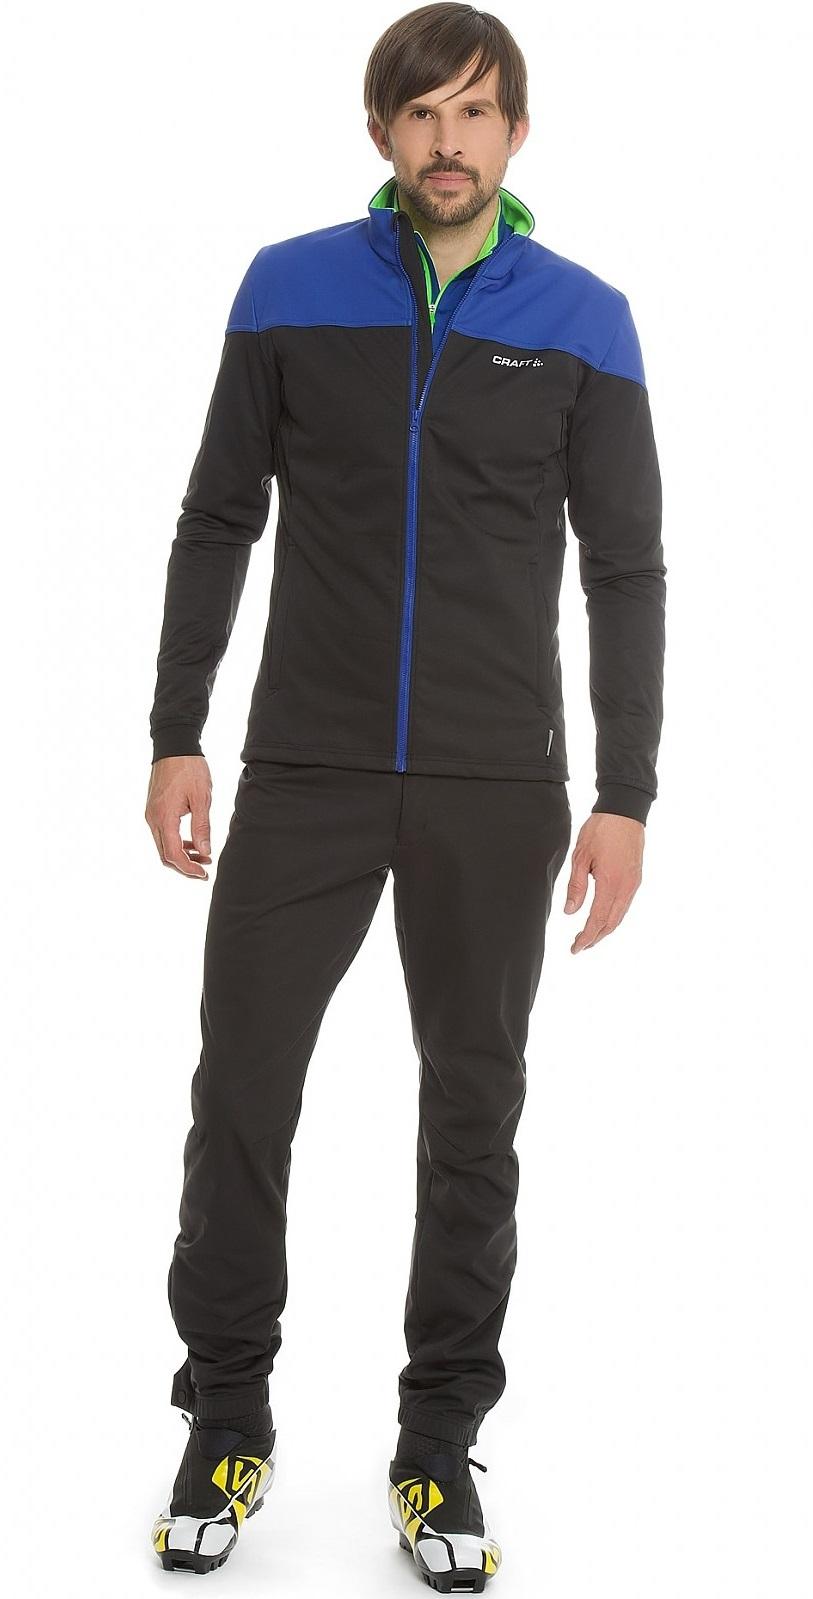 Мужская лыжная куртка крафт Voyage XC (1903581-2344) черный/синий фото